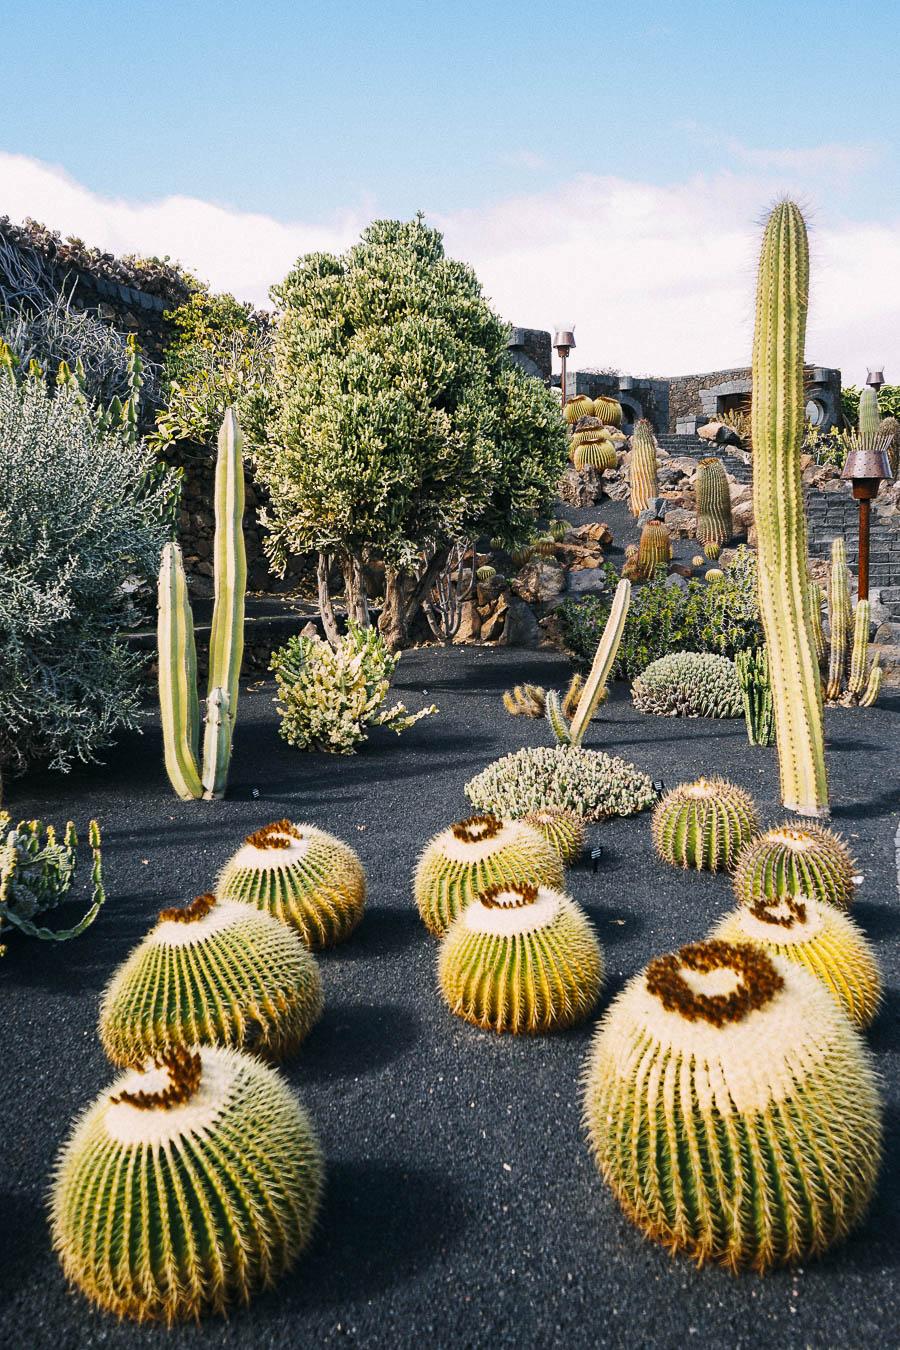 El Jardín de Cactus